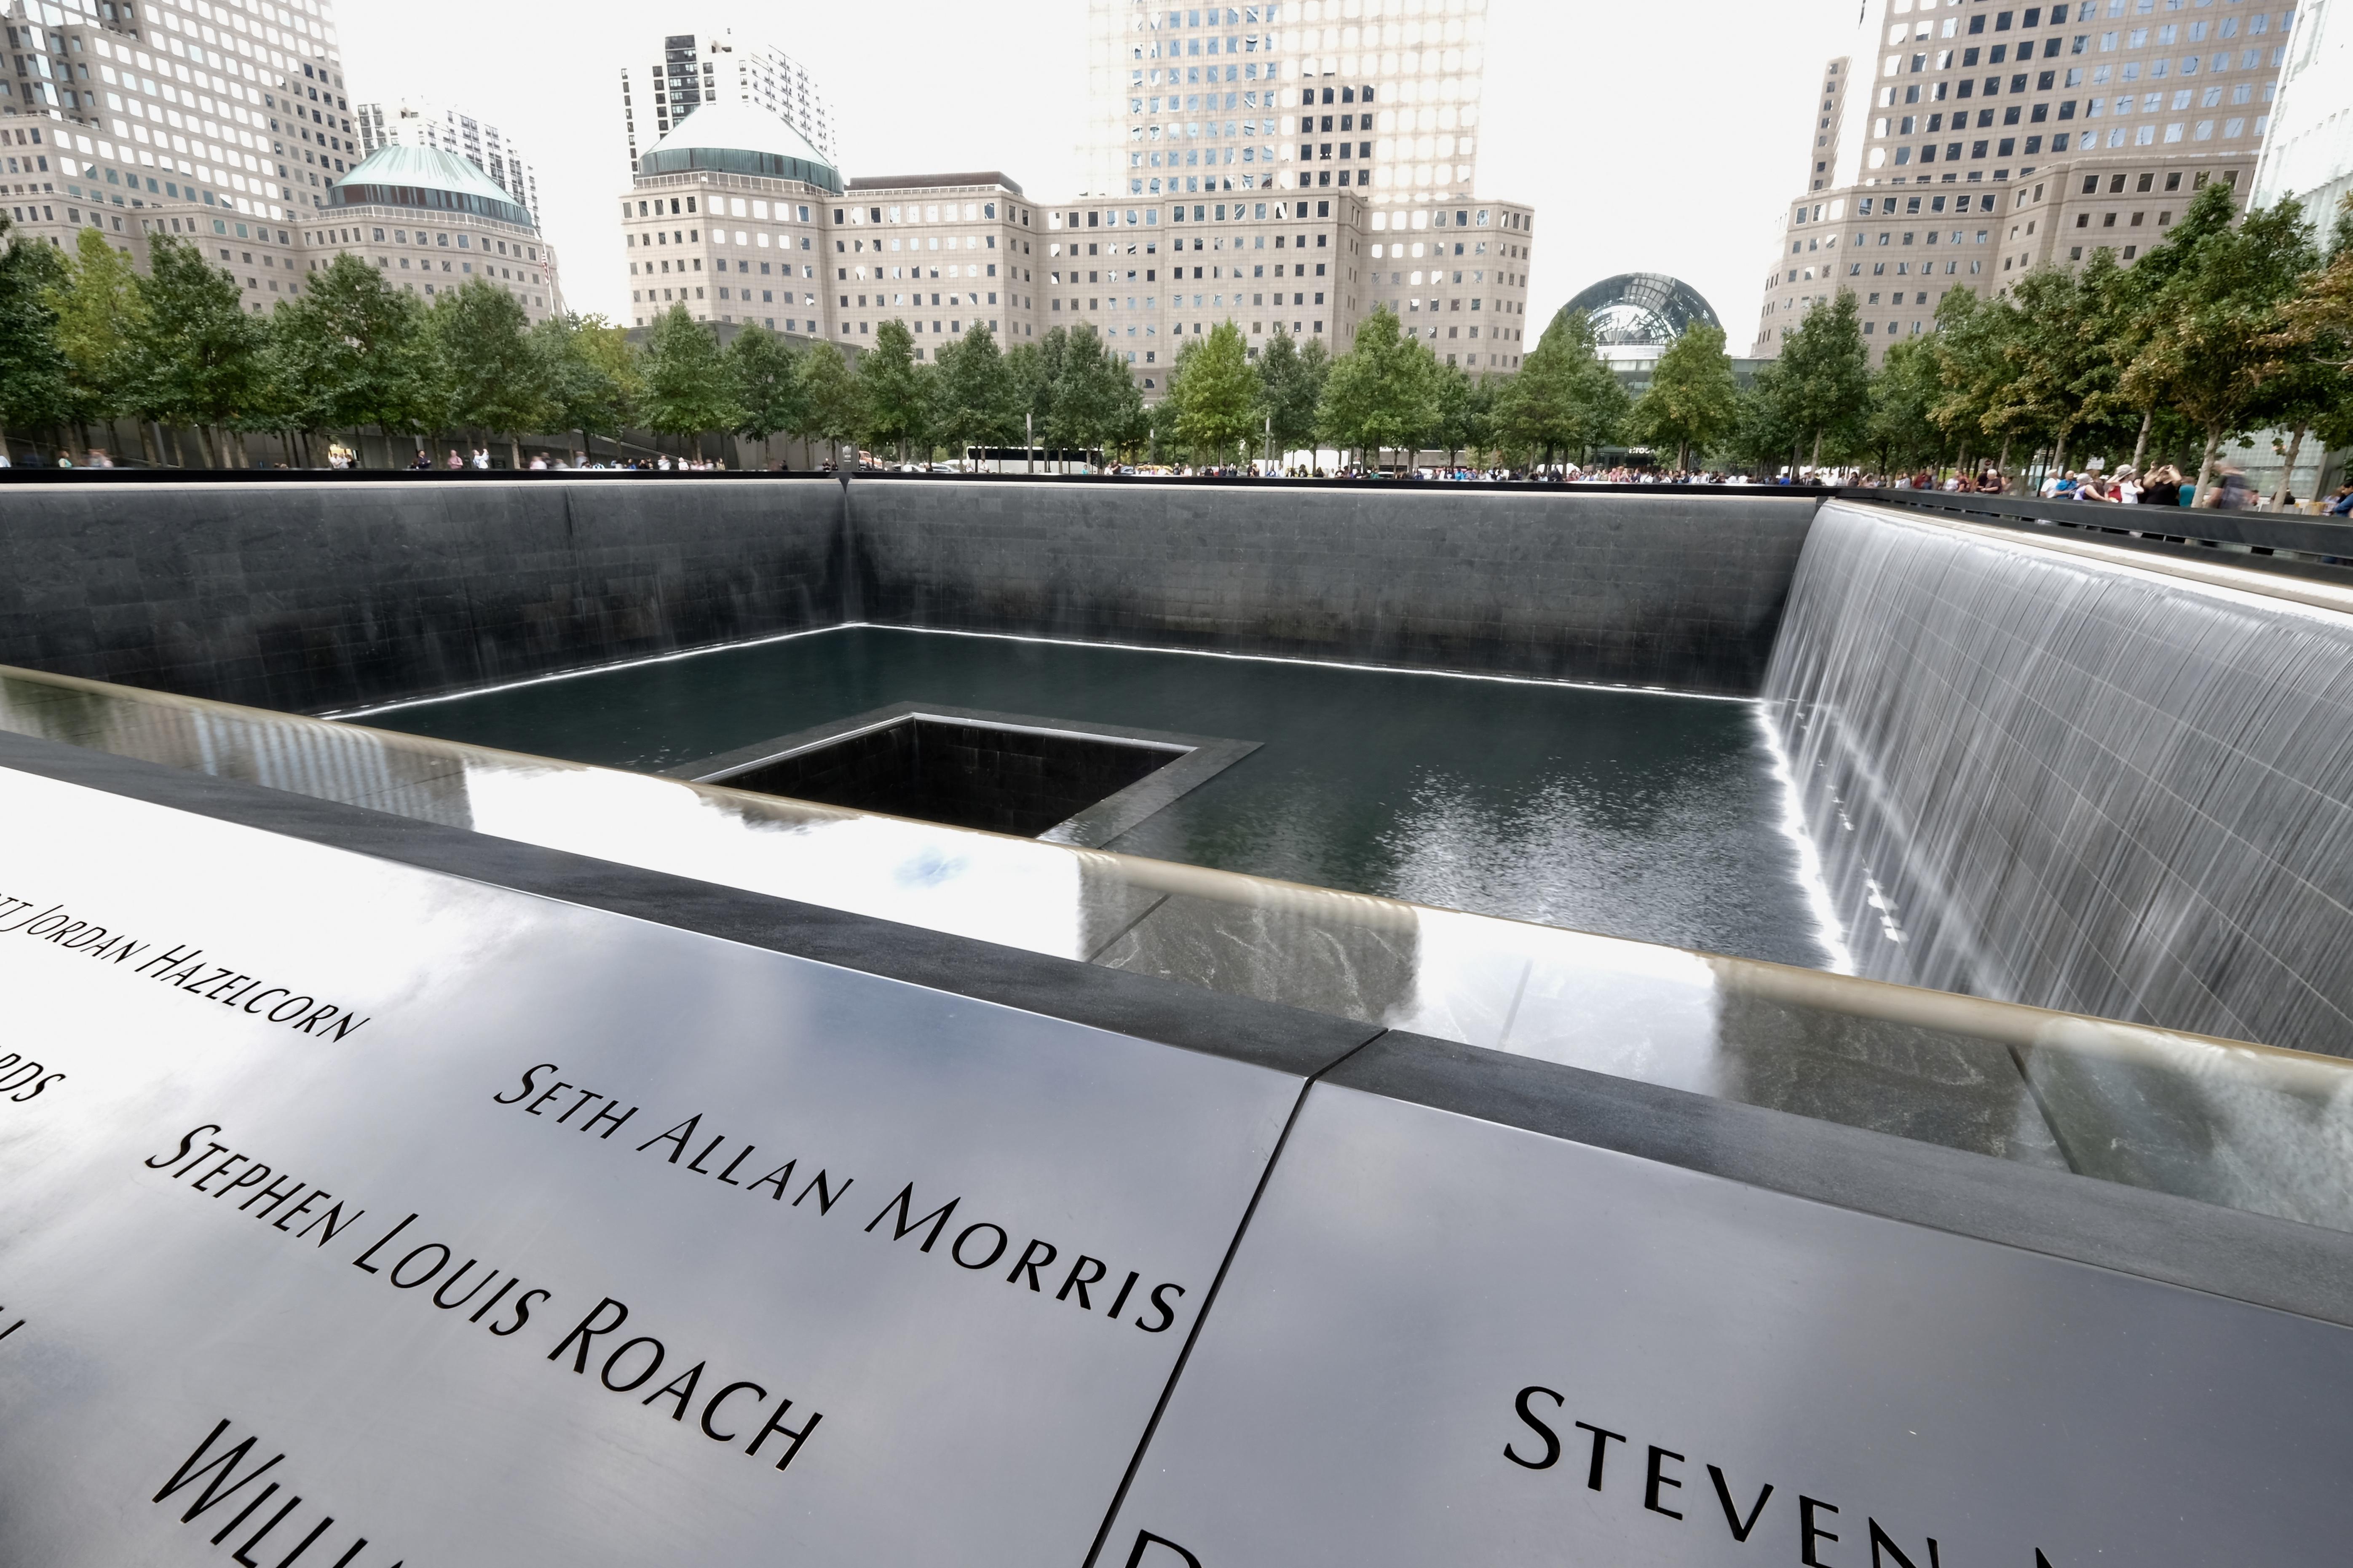 NY - 9/11 memorial